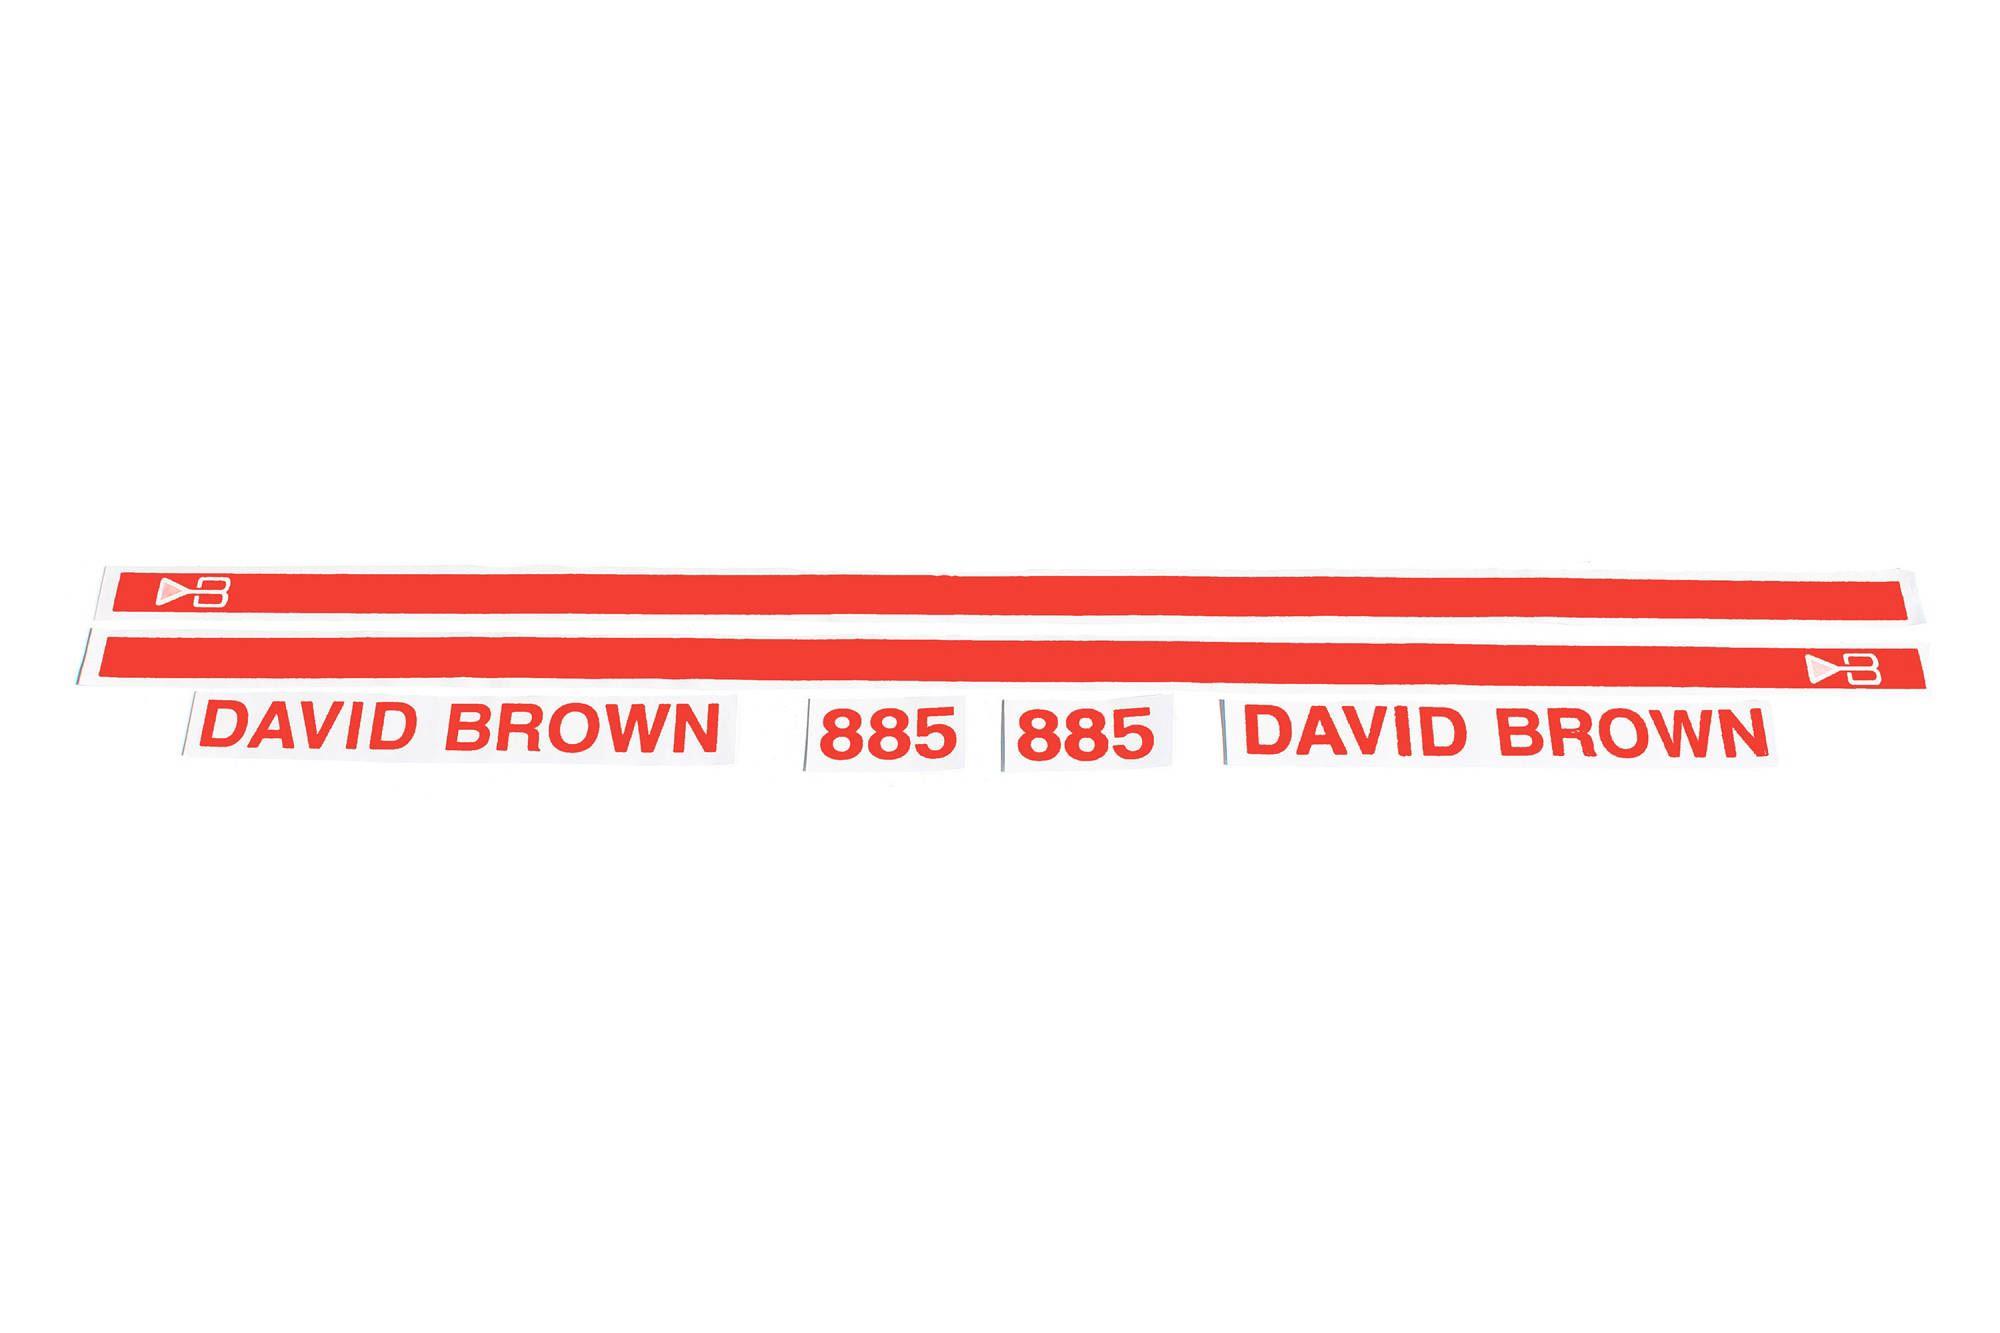 Gestänge Einstellung Aufkleber Für David Brown 770 780 880 885 990 995 996